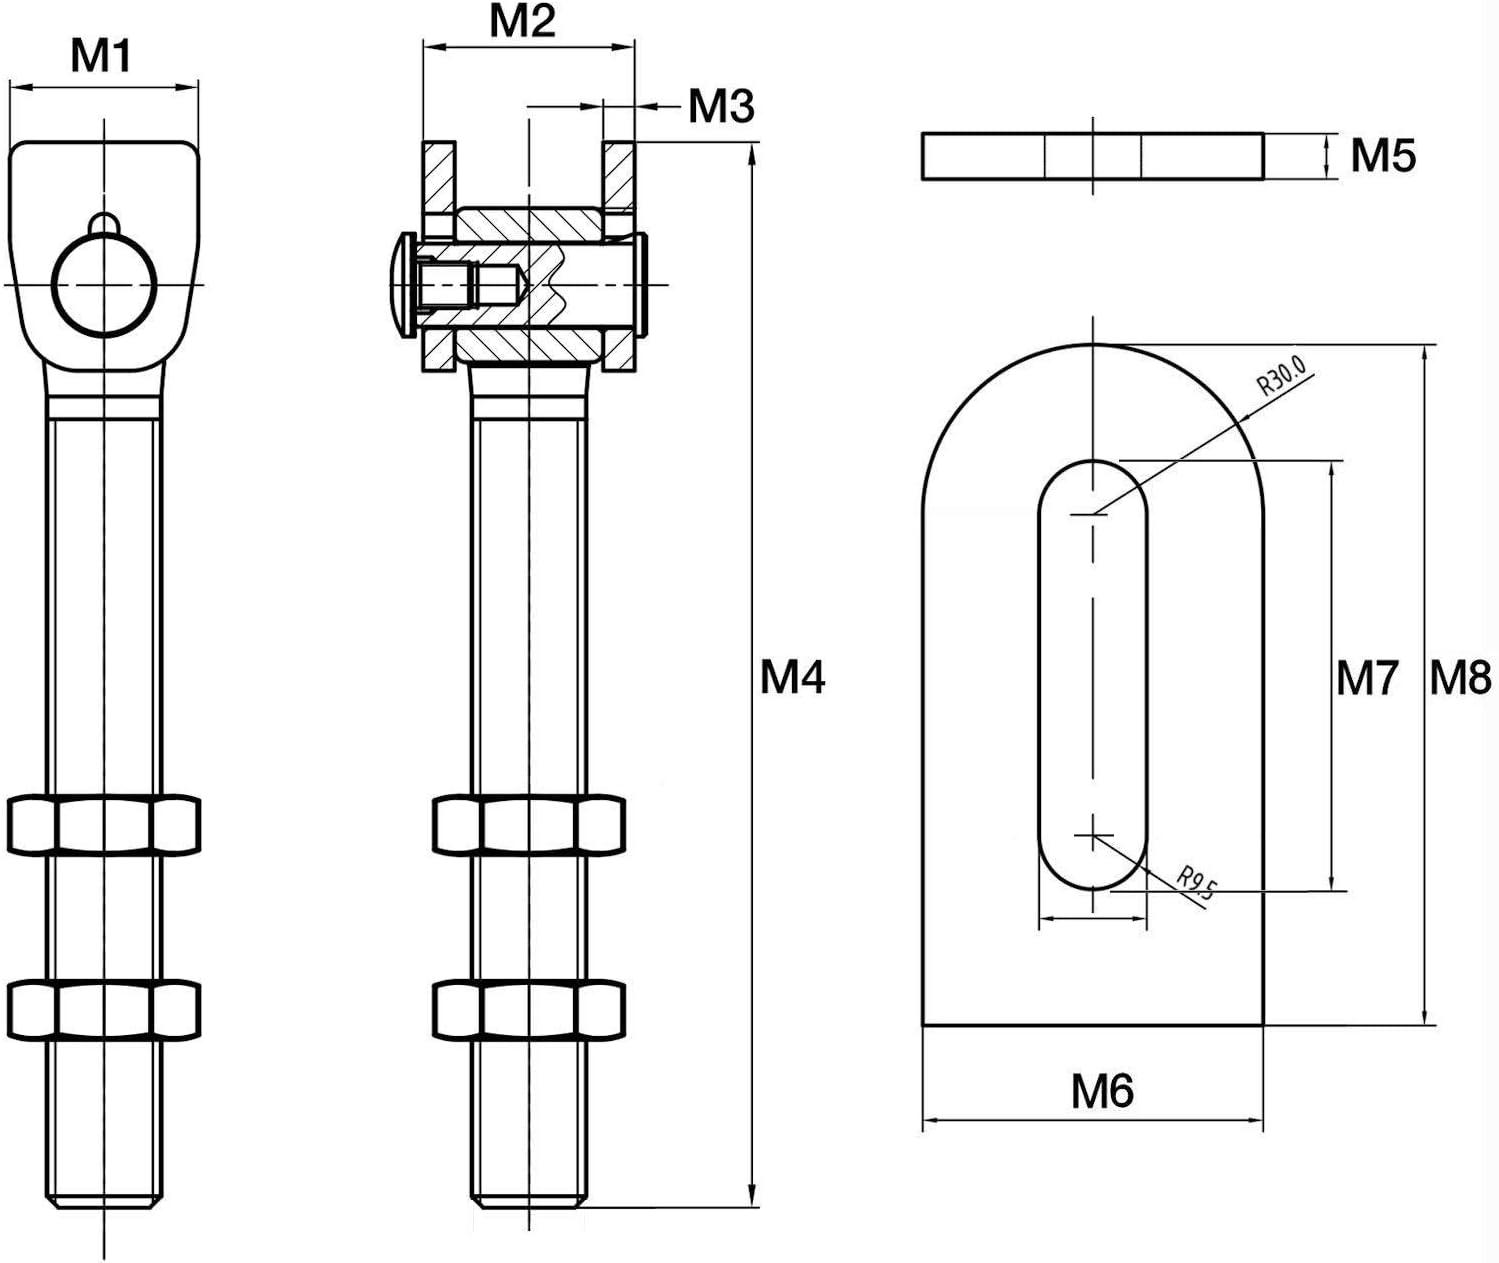 2 x Gond de Porte r/églable M16 x 185 mm avec Patte /à Souder Ferrure pour Portail Charni/ère pour Porte en Acier Gonds